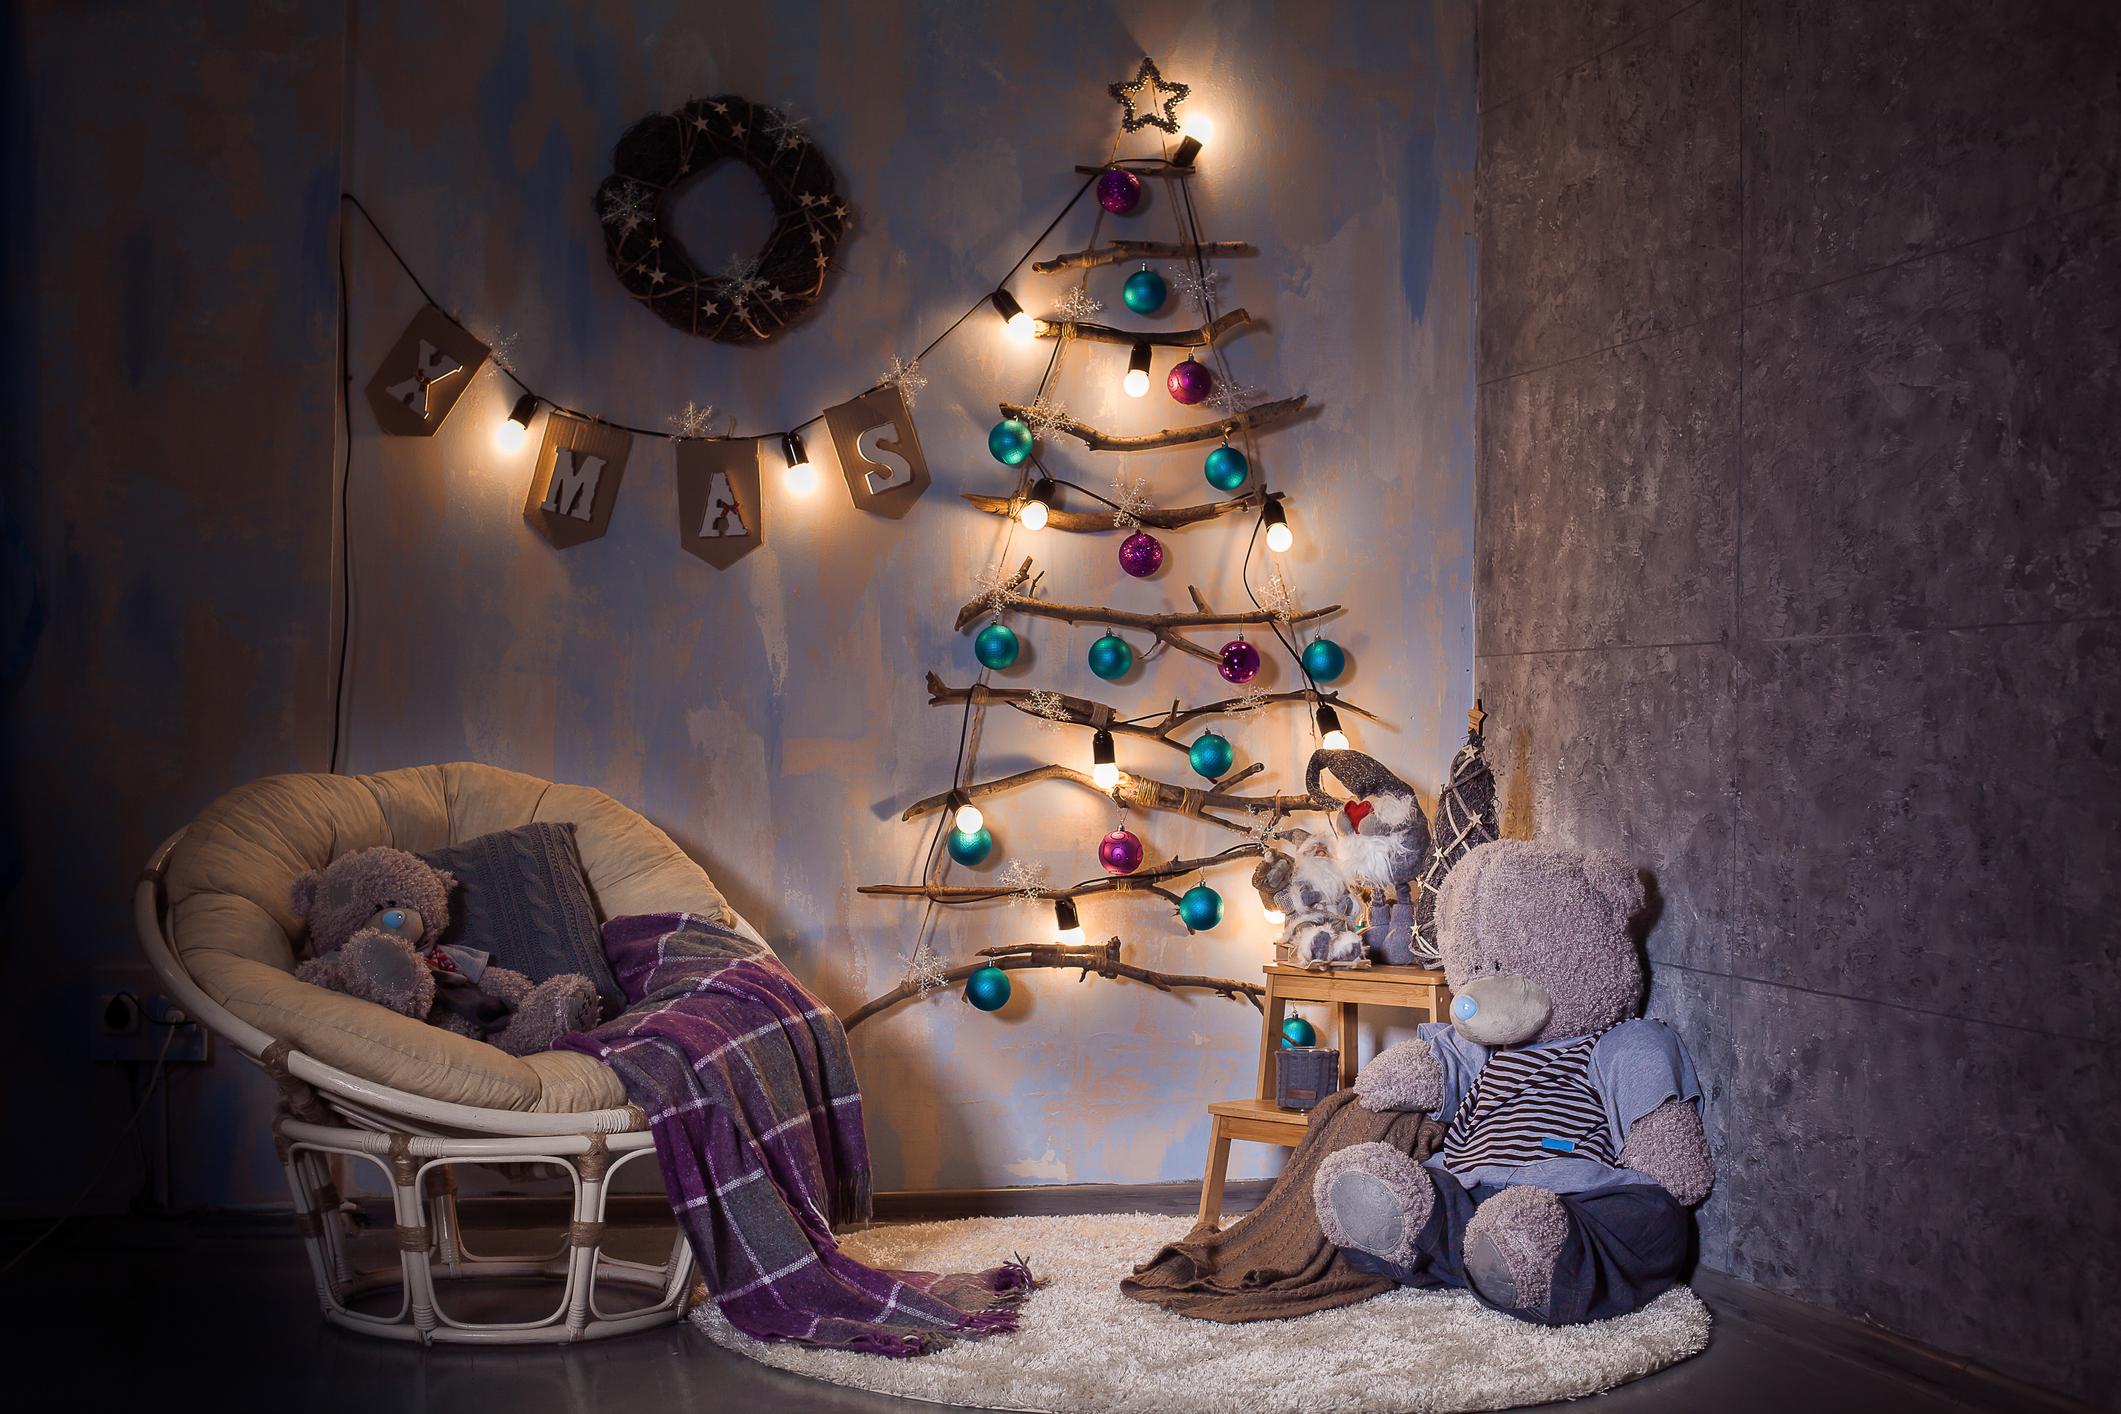 Könnyedén készíthetsz magadnak egy faágakból összerakott karácsonyfát. Ugye mennyire menő?